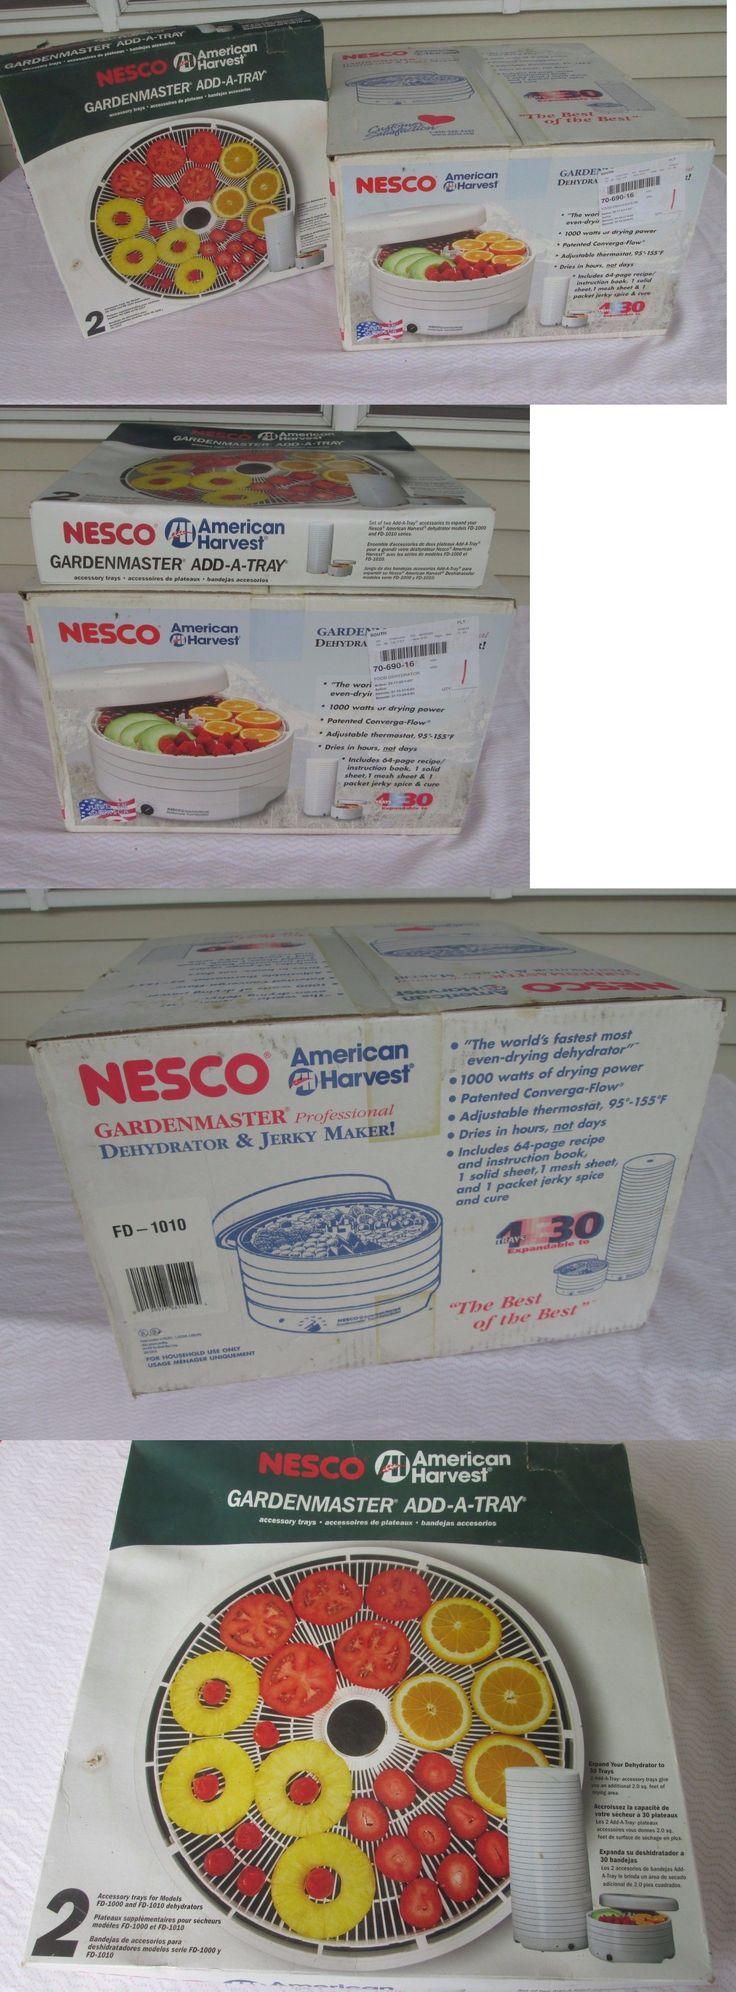 Food Dehydrators 32883: Nesco American Harvest Food Dehydrator Model Fd-1010 Plus Bonus -> BUY IT NOW ONLY: $73.99 on eBay!